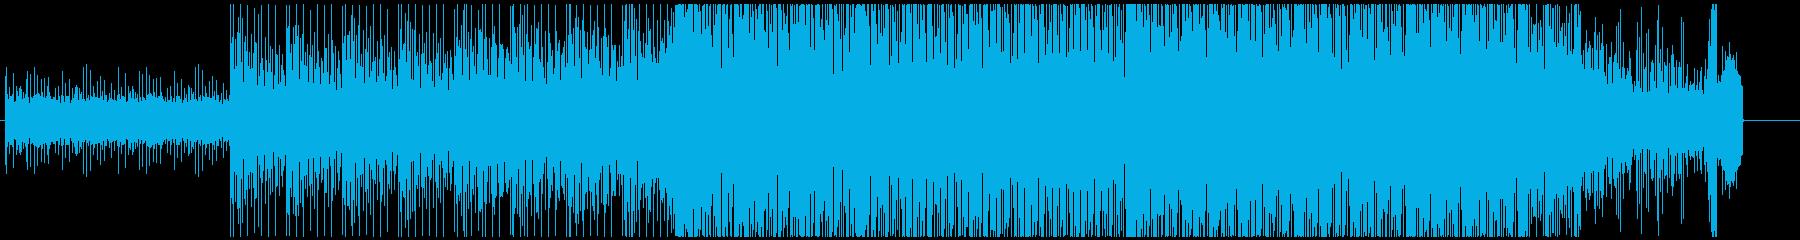 邦画・アウトレイジっぽい曲の再生済みの波形